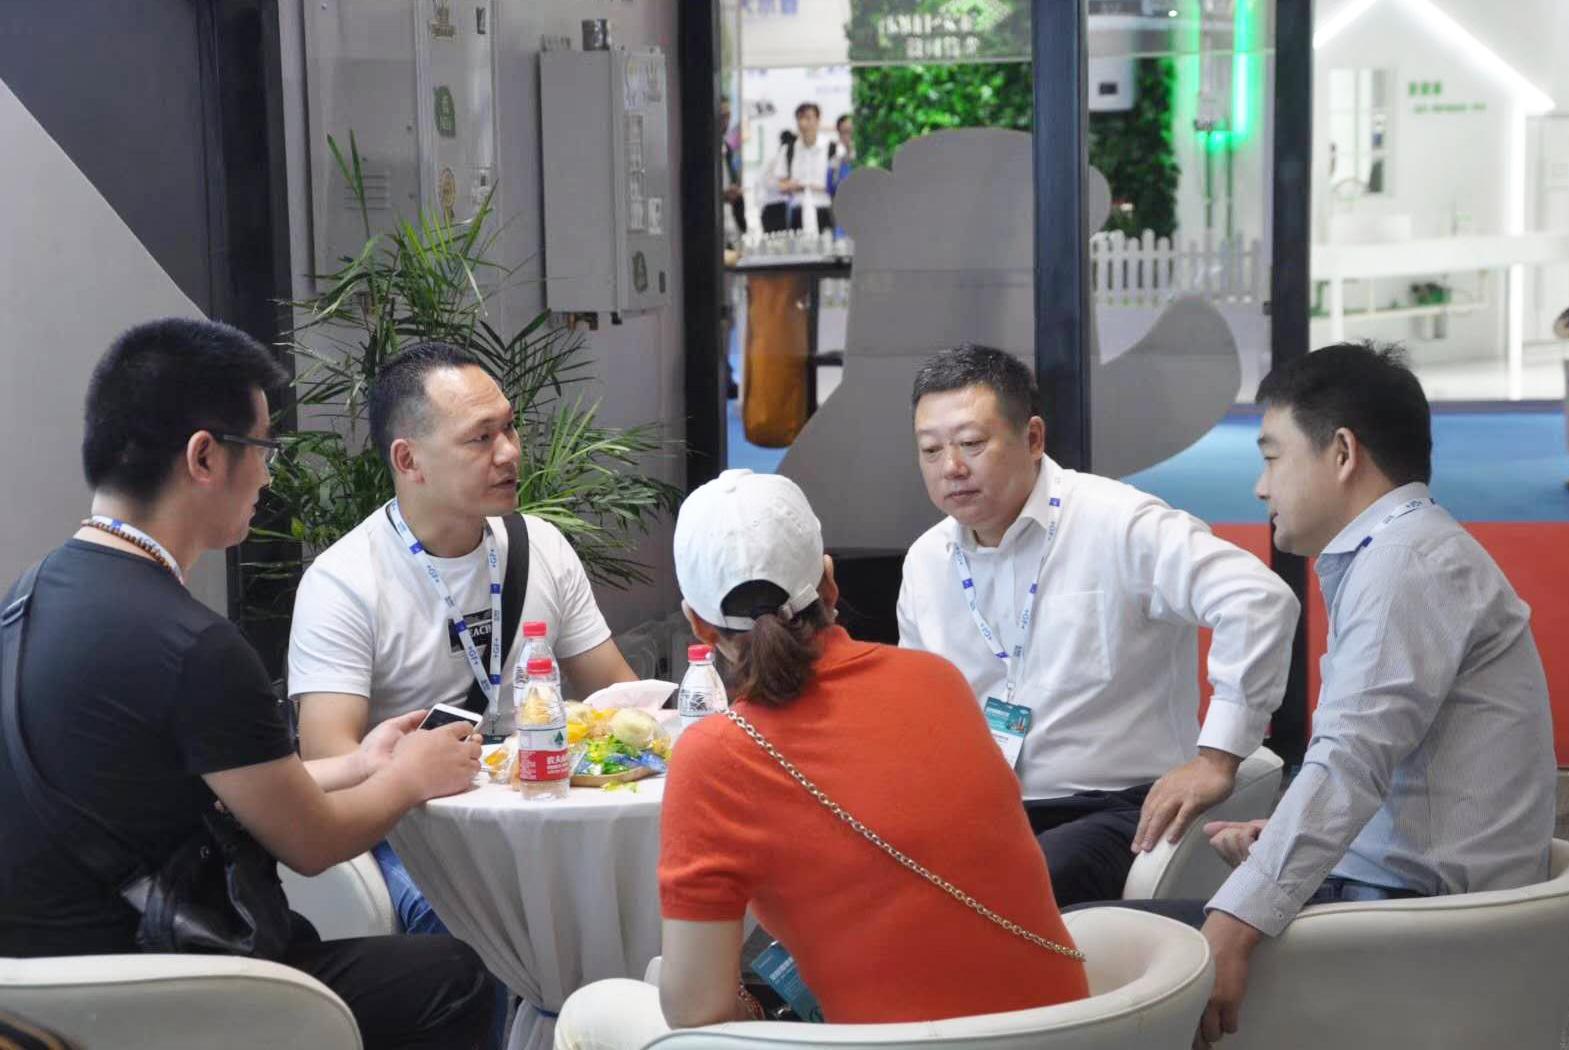 盛况空前-PURPOSE百富士一枝独秀上海国际建筑水展 展商动态 第6张